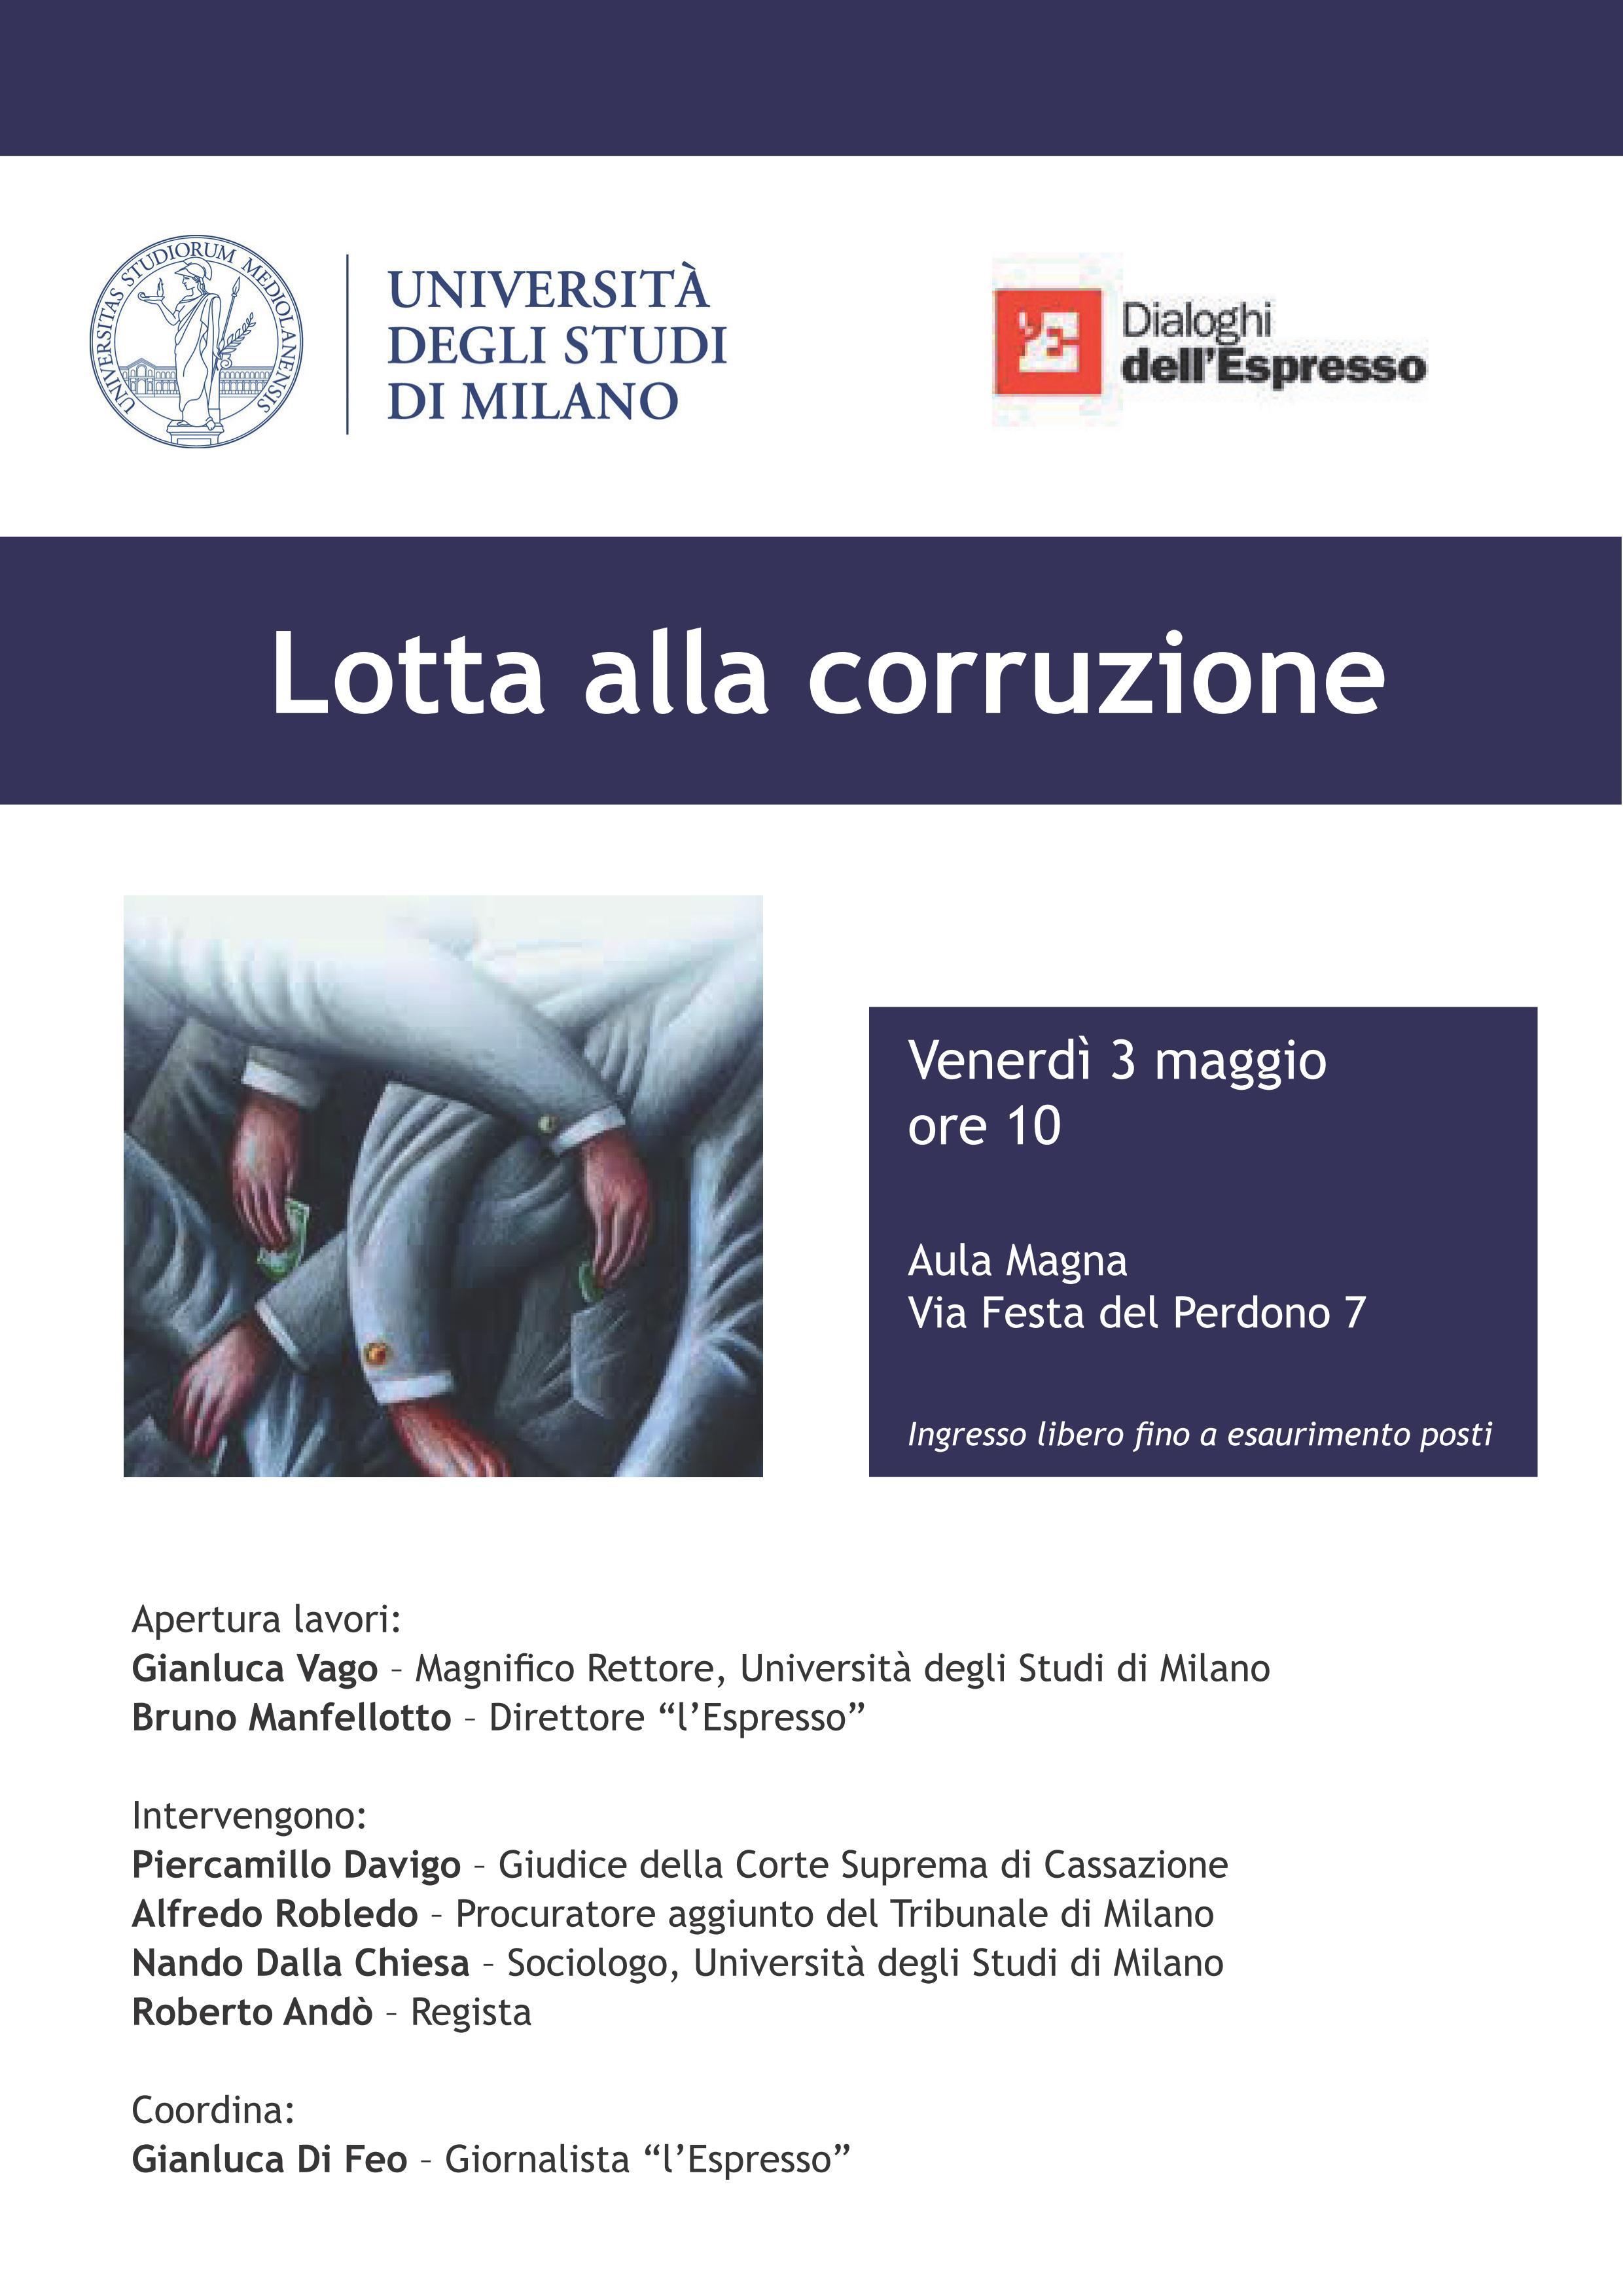 Dialoghi dell'Espresso Milano_01